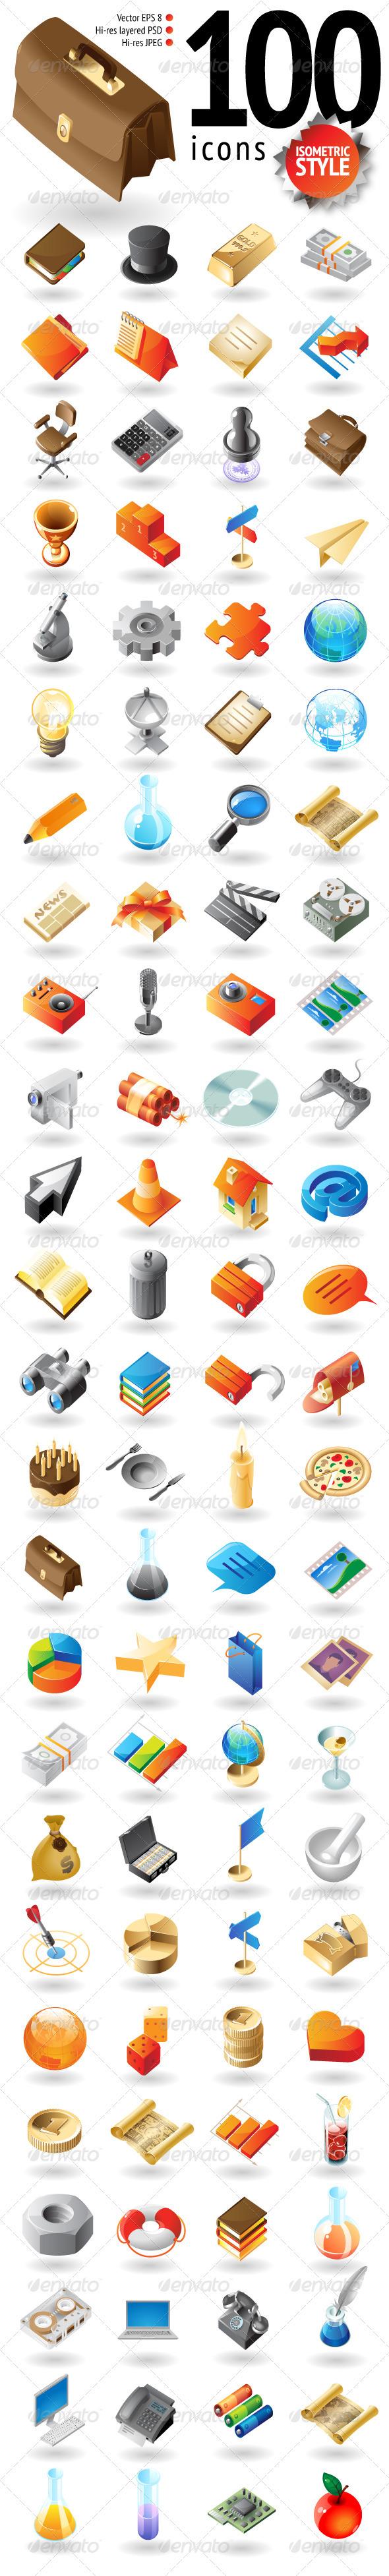 100 Isometric-Style Icons - Web Icons